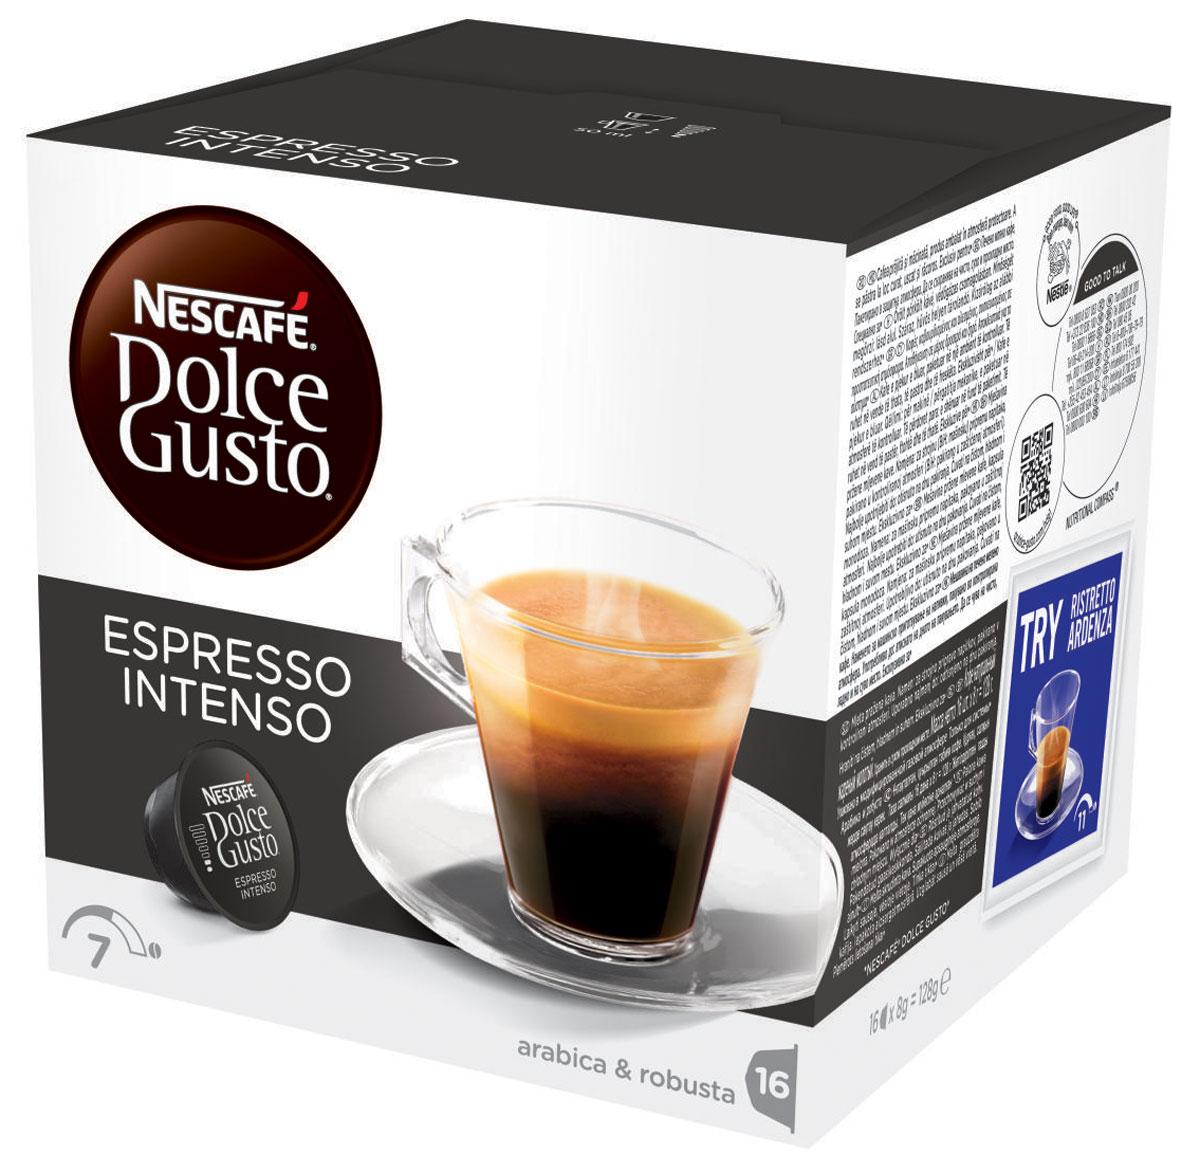 Nescafe Dolce Gusto Espresso Intenso кофе в капсулах, 16 шт12045793Если вы любите выпить чашечку эспрессо после ужина, вам понравится и капсульный эспрессо Intenso из кофе средней прожарки. Intenso обладает изысканным ореховым ароматом, который добавляет дополнительную изюминку в вашу чашку. Теплая пряность и намеки на спелые летние фрукты придают этому капсульному кофе изысканную сложность с великолепным вкусом, подходящим для любого времени суток.Благодаря максимальному давлению до 15 бар в кофемашинах Nescafe Dolce Gusto, эти капсулы не только создают вкусный эспрессо, но и оформляют ваш напиток аппетитным слоем пенки. Шелковая пенка медового цвета дополняет великолепный вкус вашего Intenso из капсулы эспрессо с самого первого глотка. Восхитительные ароматы миндаля и вишни делают эспрессо Intenso идеальным для смакования после ужина с друзьями или просто как приятный способ отвлечься от забот.